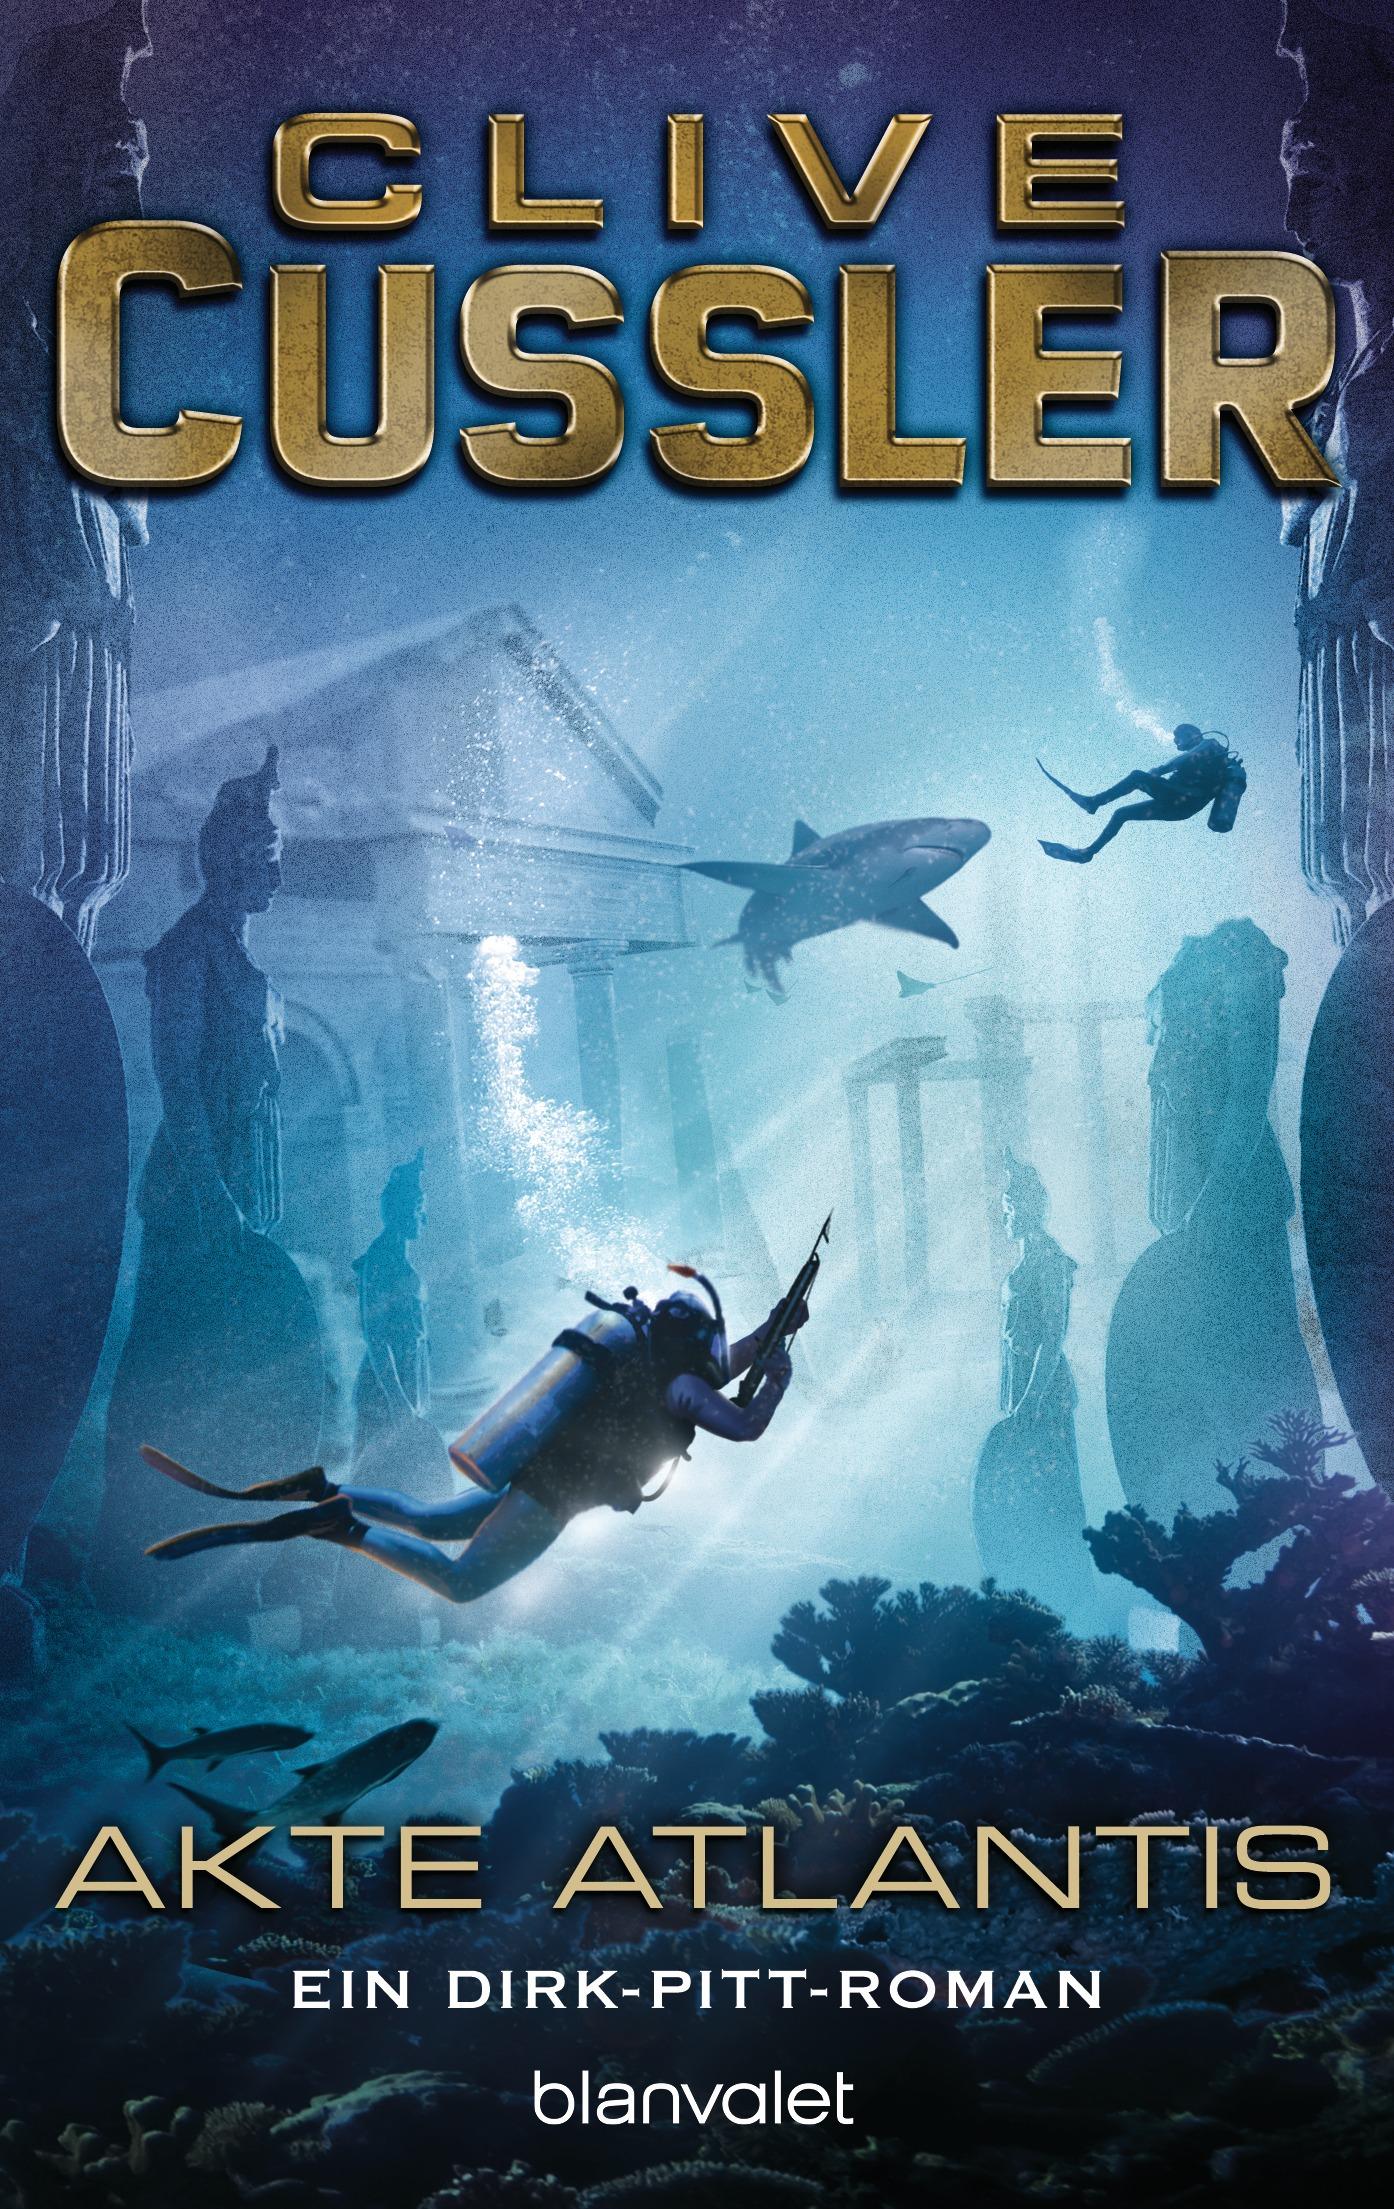 Akte Atlantis - Clive Cussler